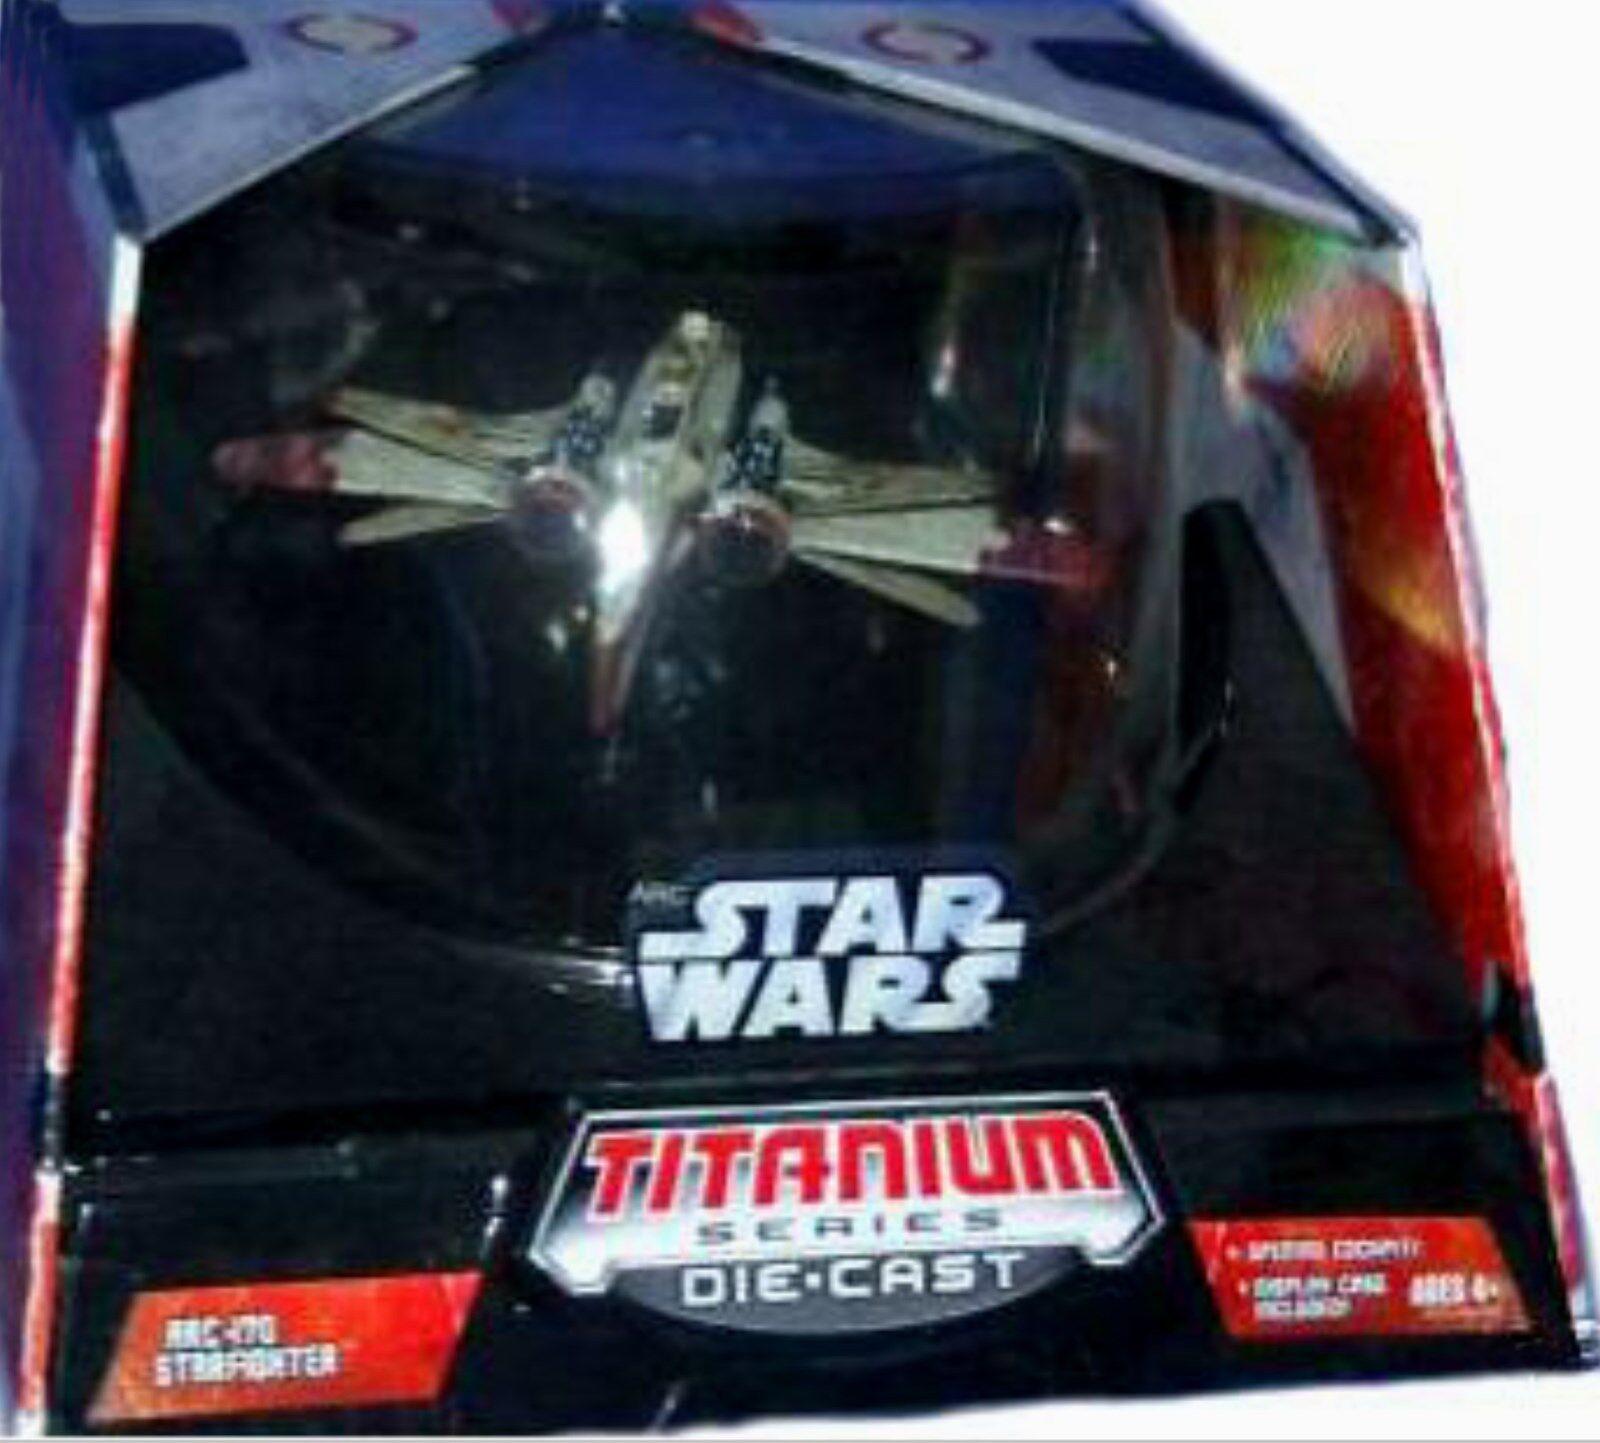 Star Wars Titanium Series ARC-170 Starfighter Starfighter Starfighter Nuevo Sellado De Fábrica 86e33e